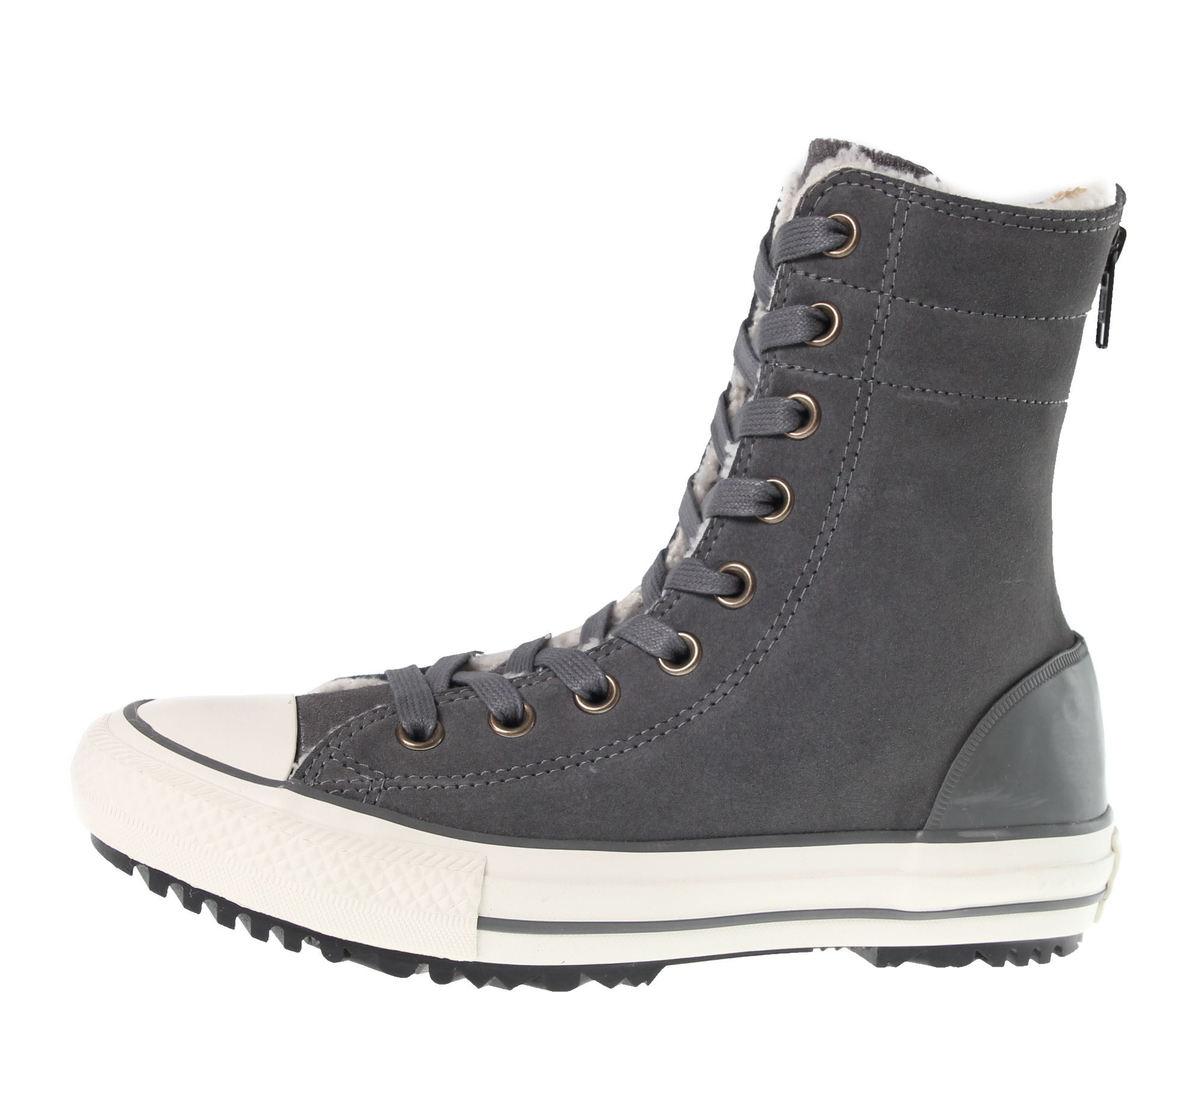 boty dámské zimní CONVERSE